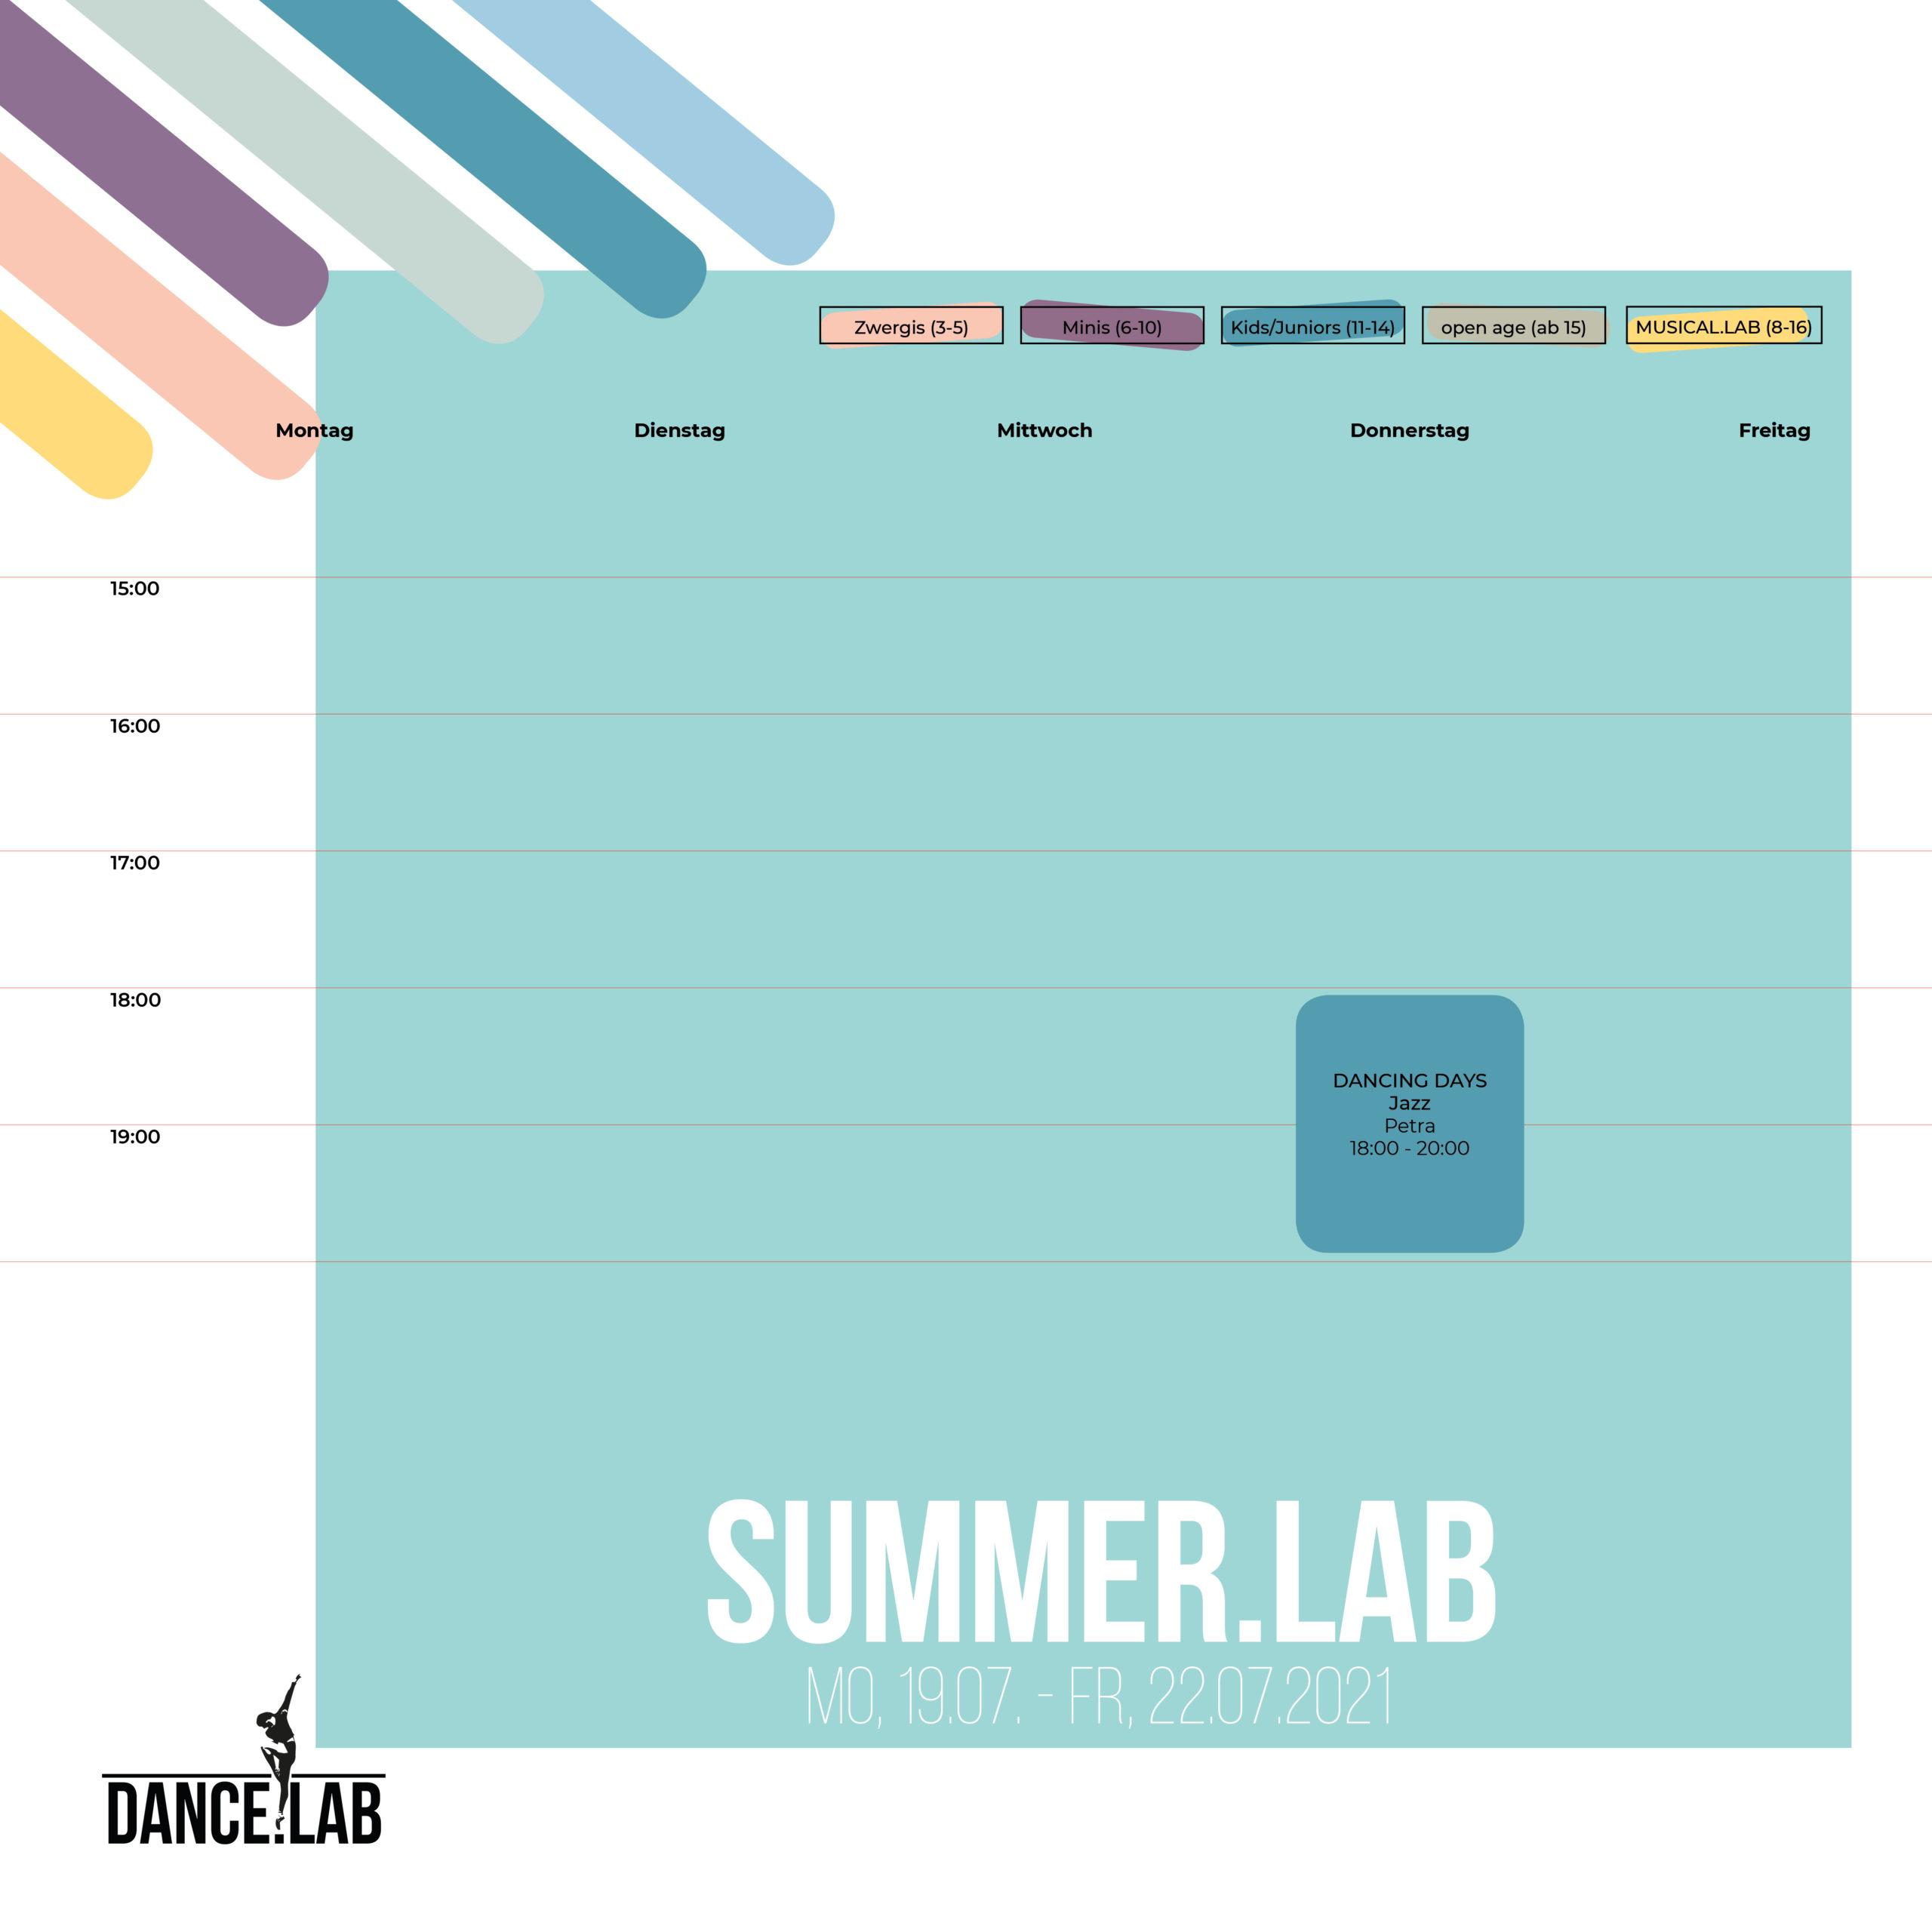 SUMMER.LAB - Woche 2